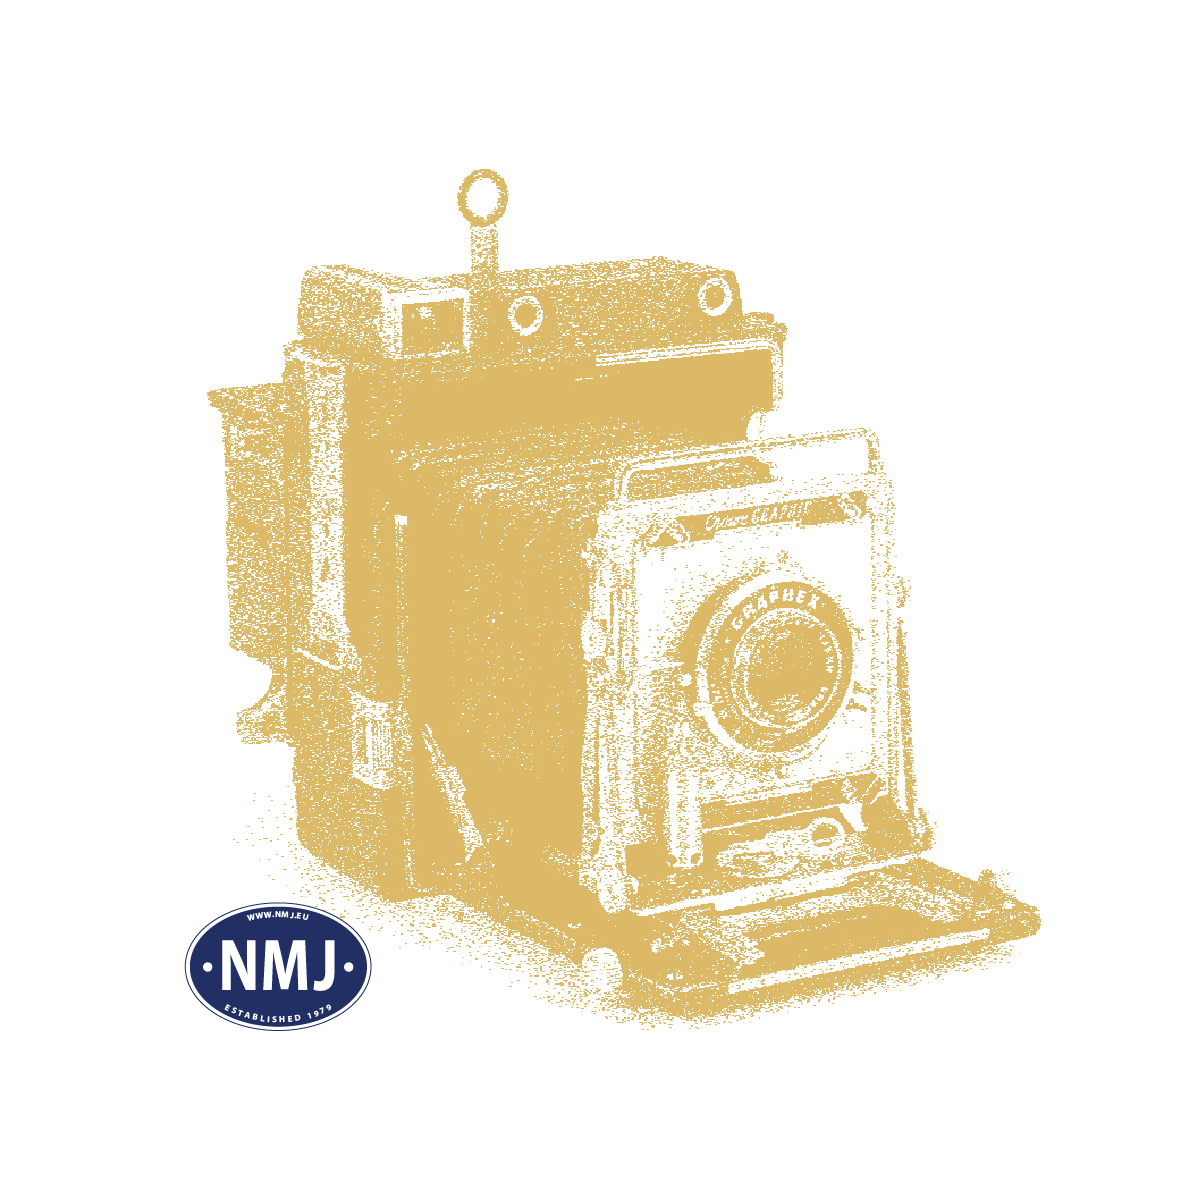 NMJT101.104 - NMJ Topline Schlafwagen WLABK 21081 der NSB, rotbraun